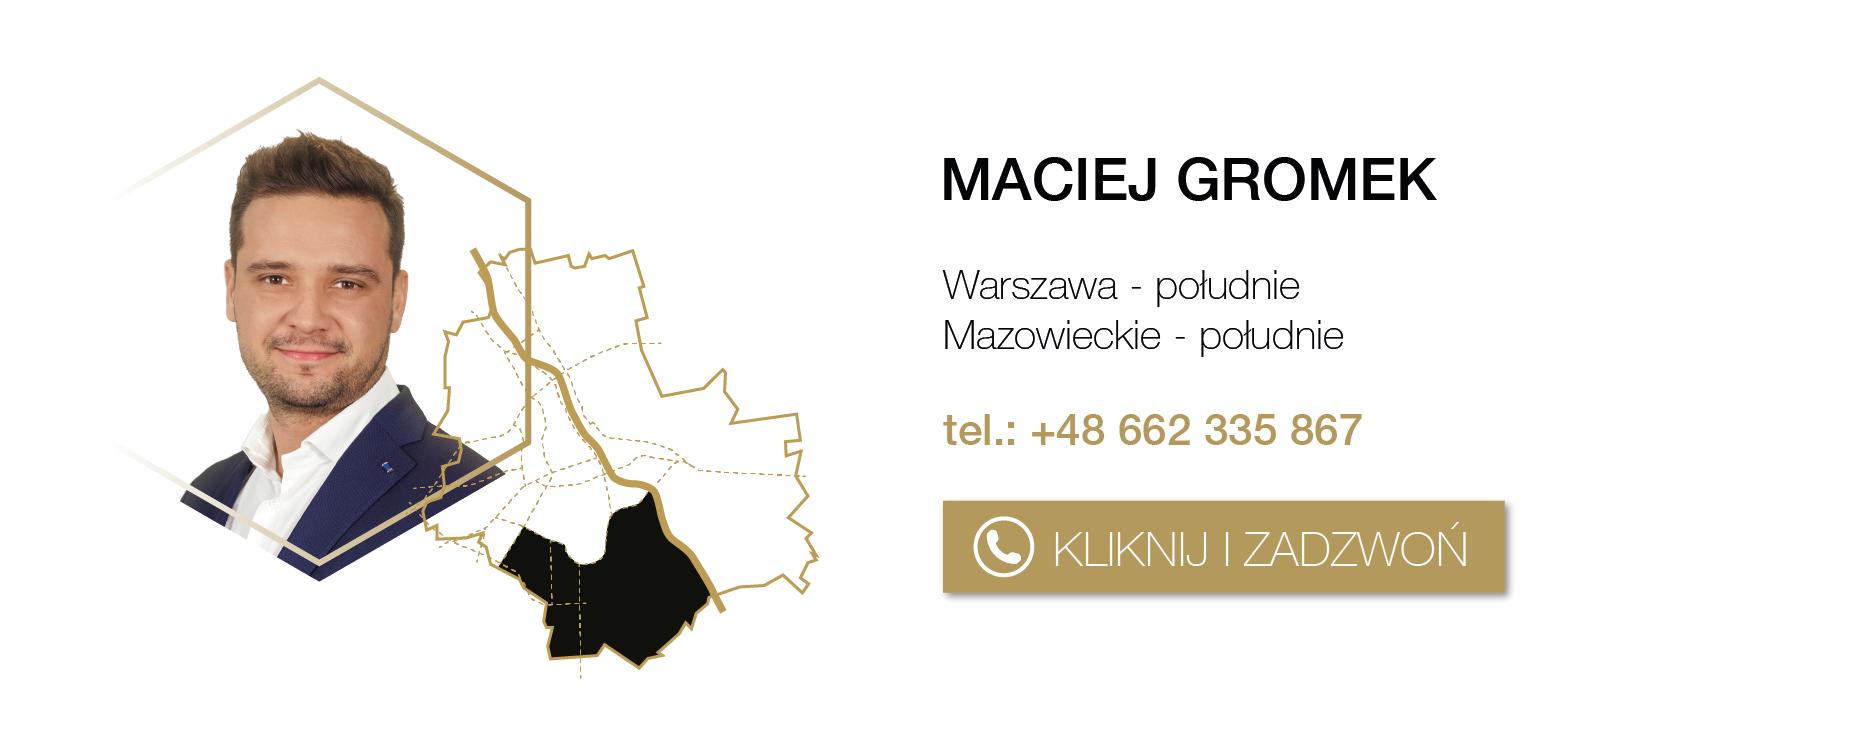 Maciej Gromek